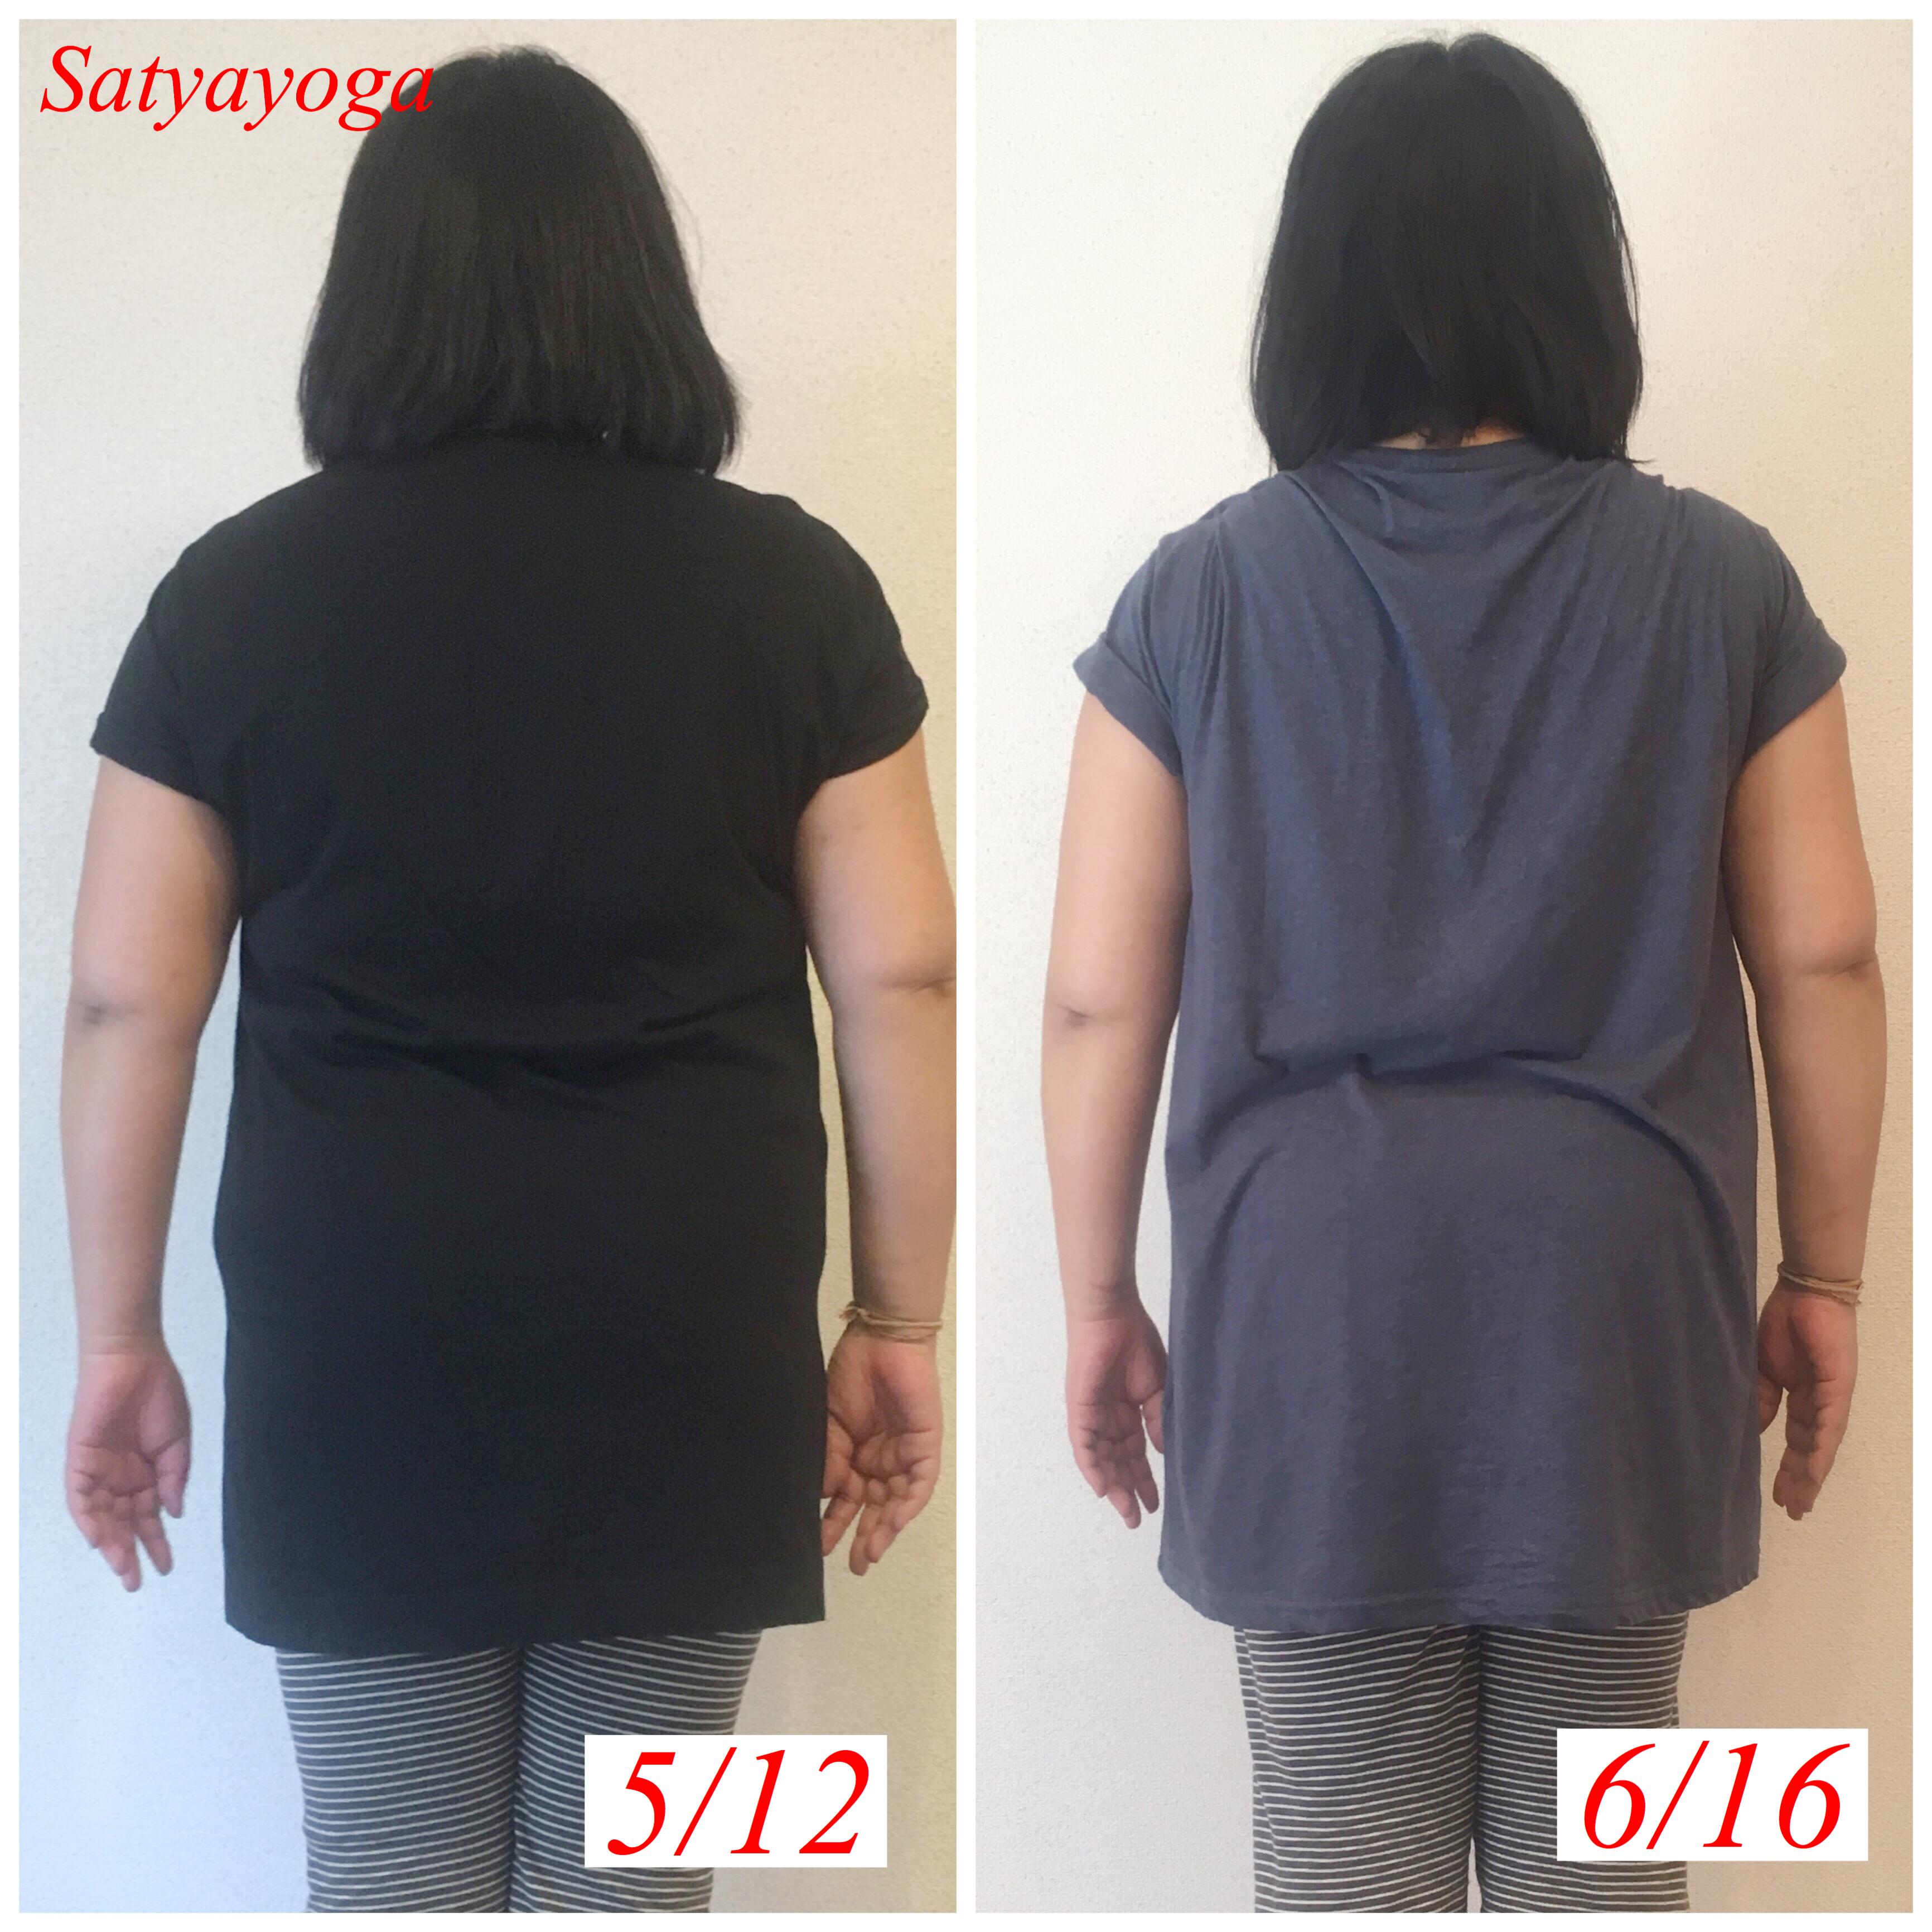 1ヶ月で-4kg・週10回外食の方のダイエットはどうしたらいい?